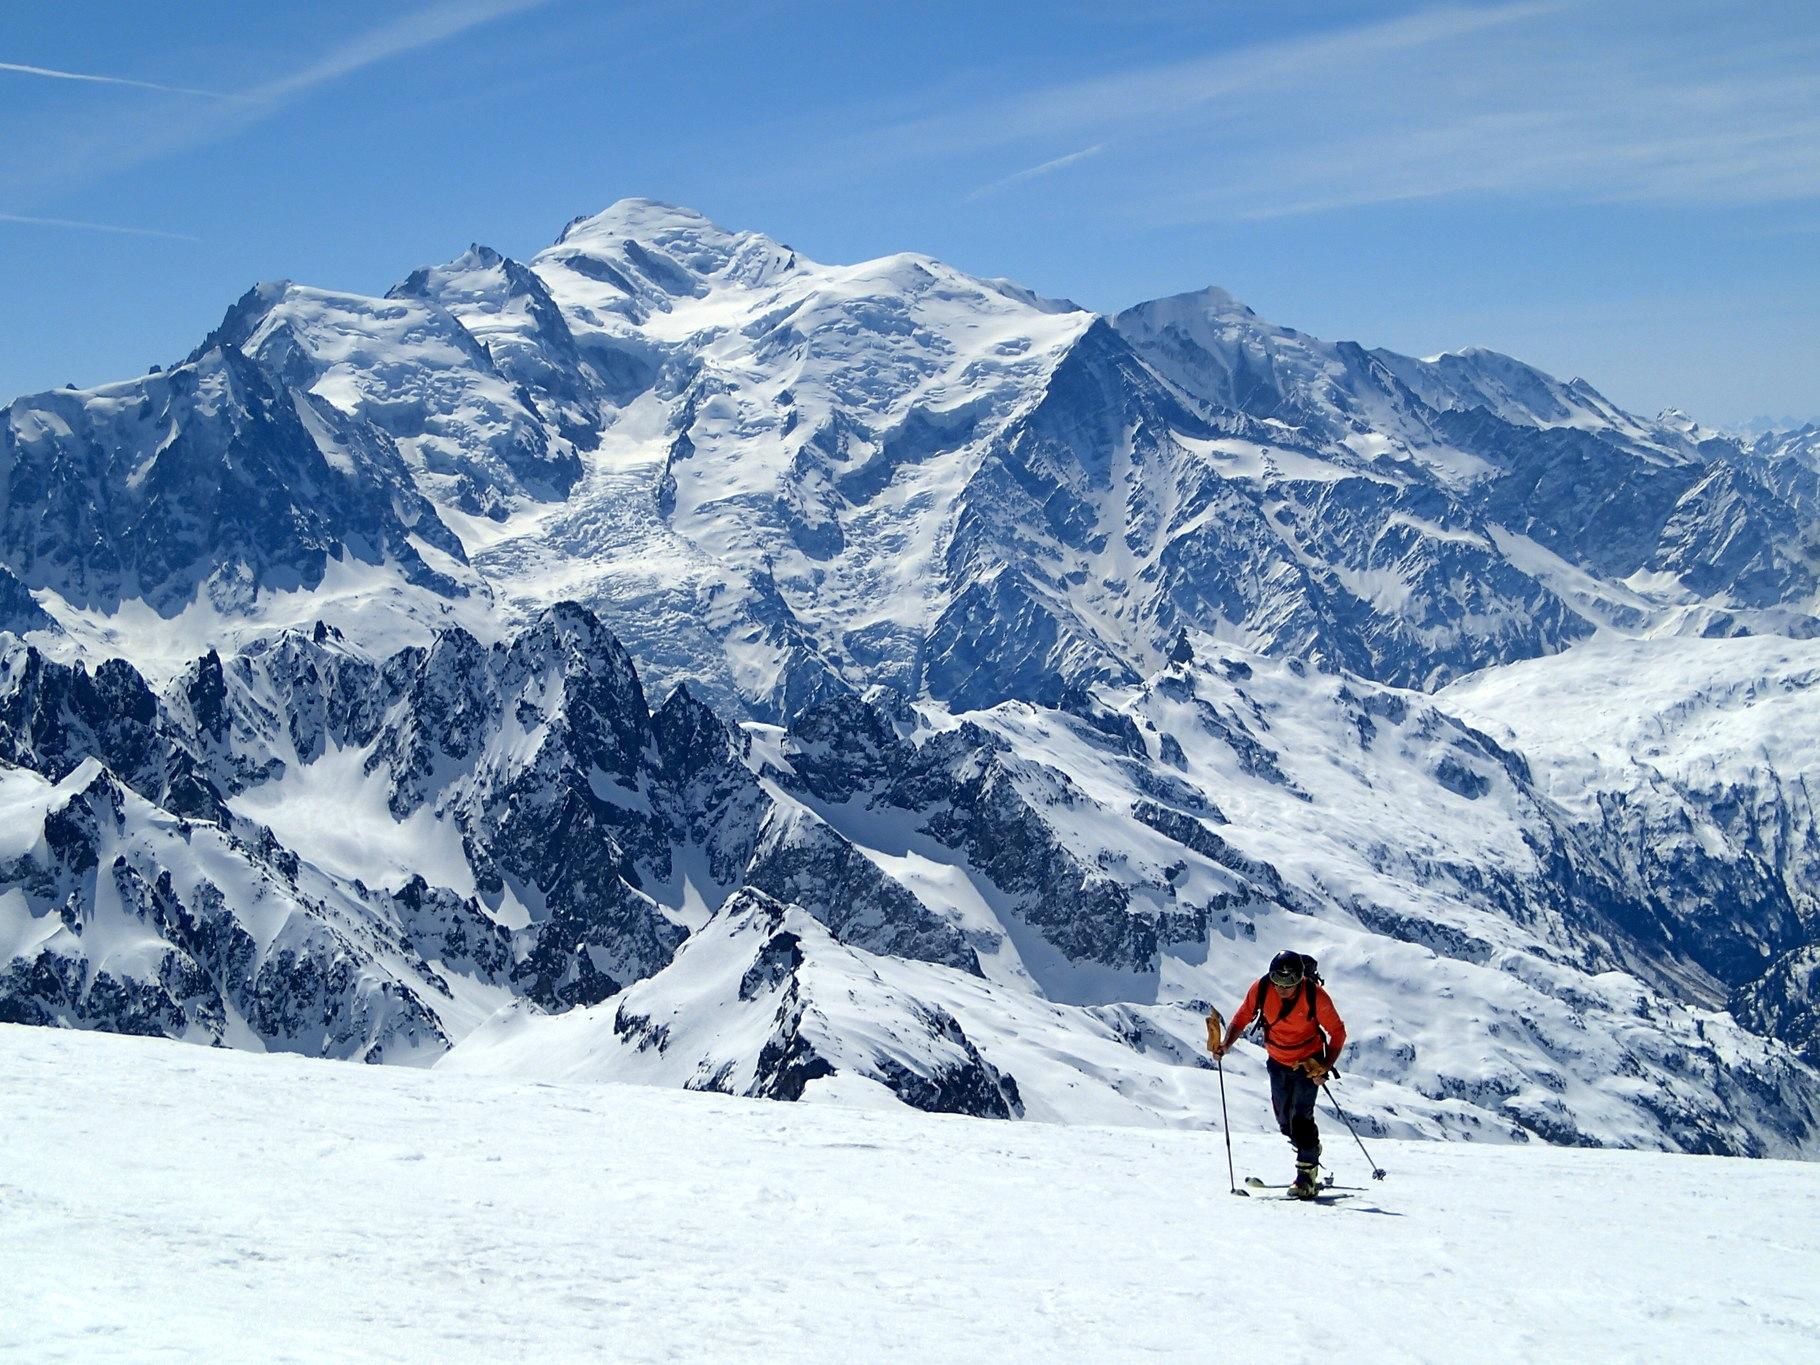 Sur le Buet avec le massif du Mont Blanc en toile de fond. Grandiose !